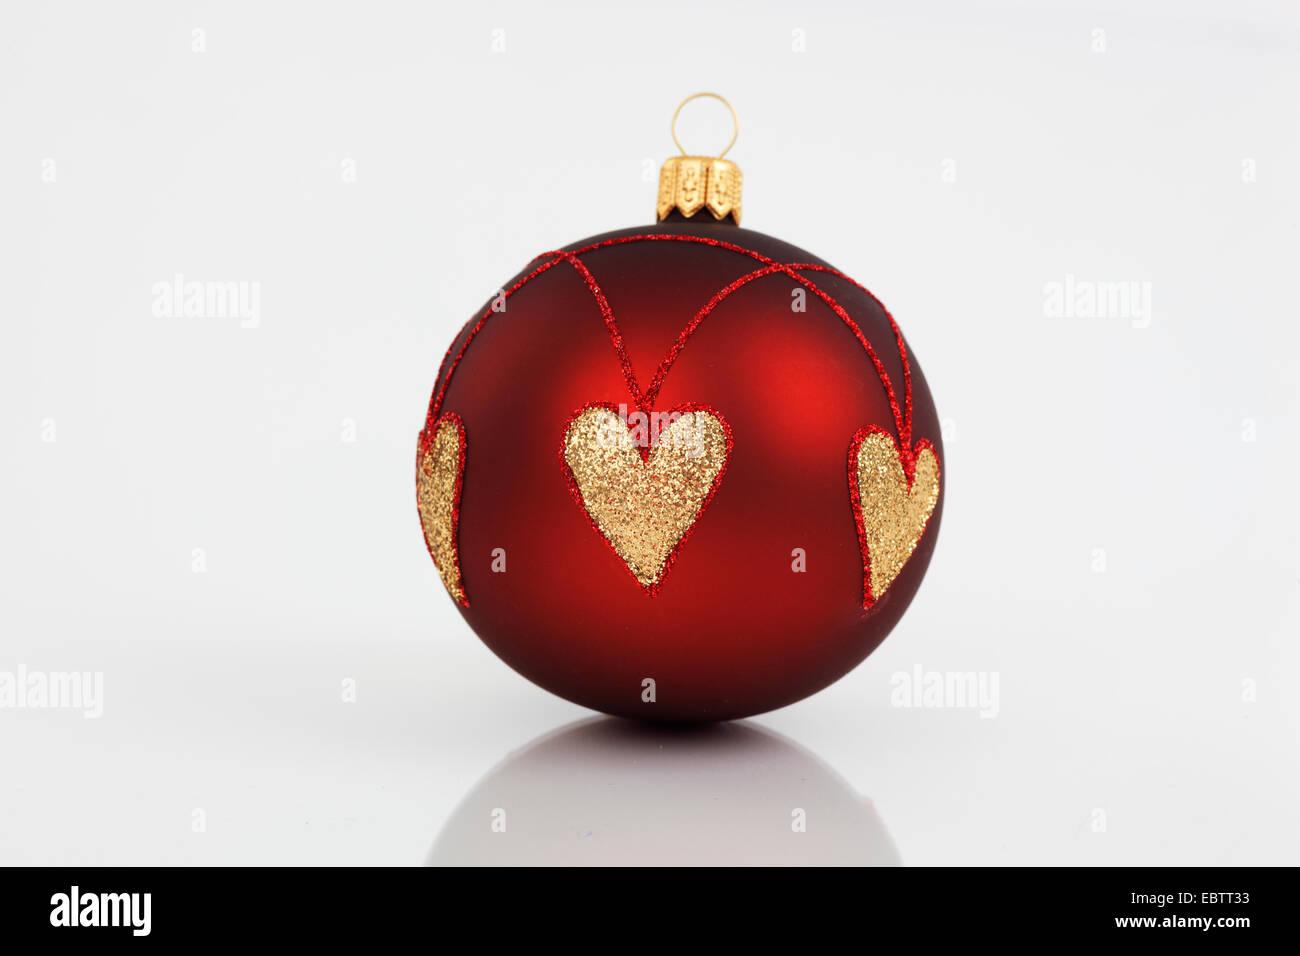 Rote Christbaumkugeln.Rote Christbaumkugeln Mit Goldenen Herzen Stockfoto Bild